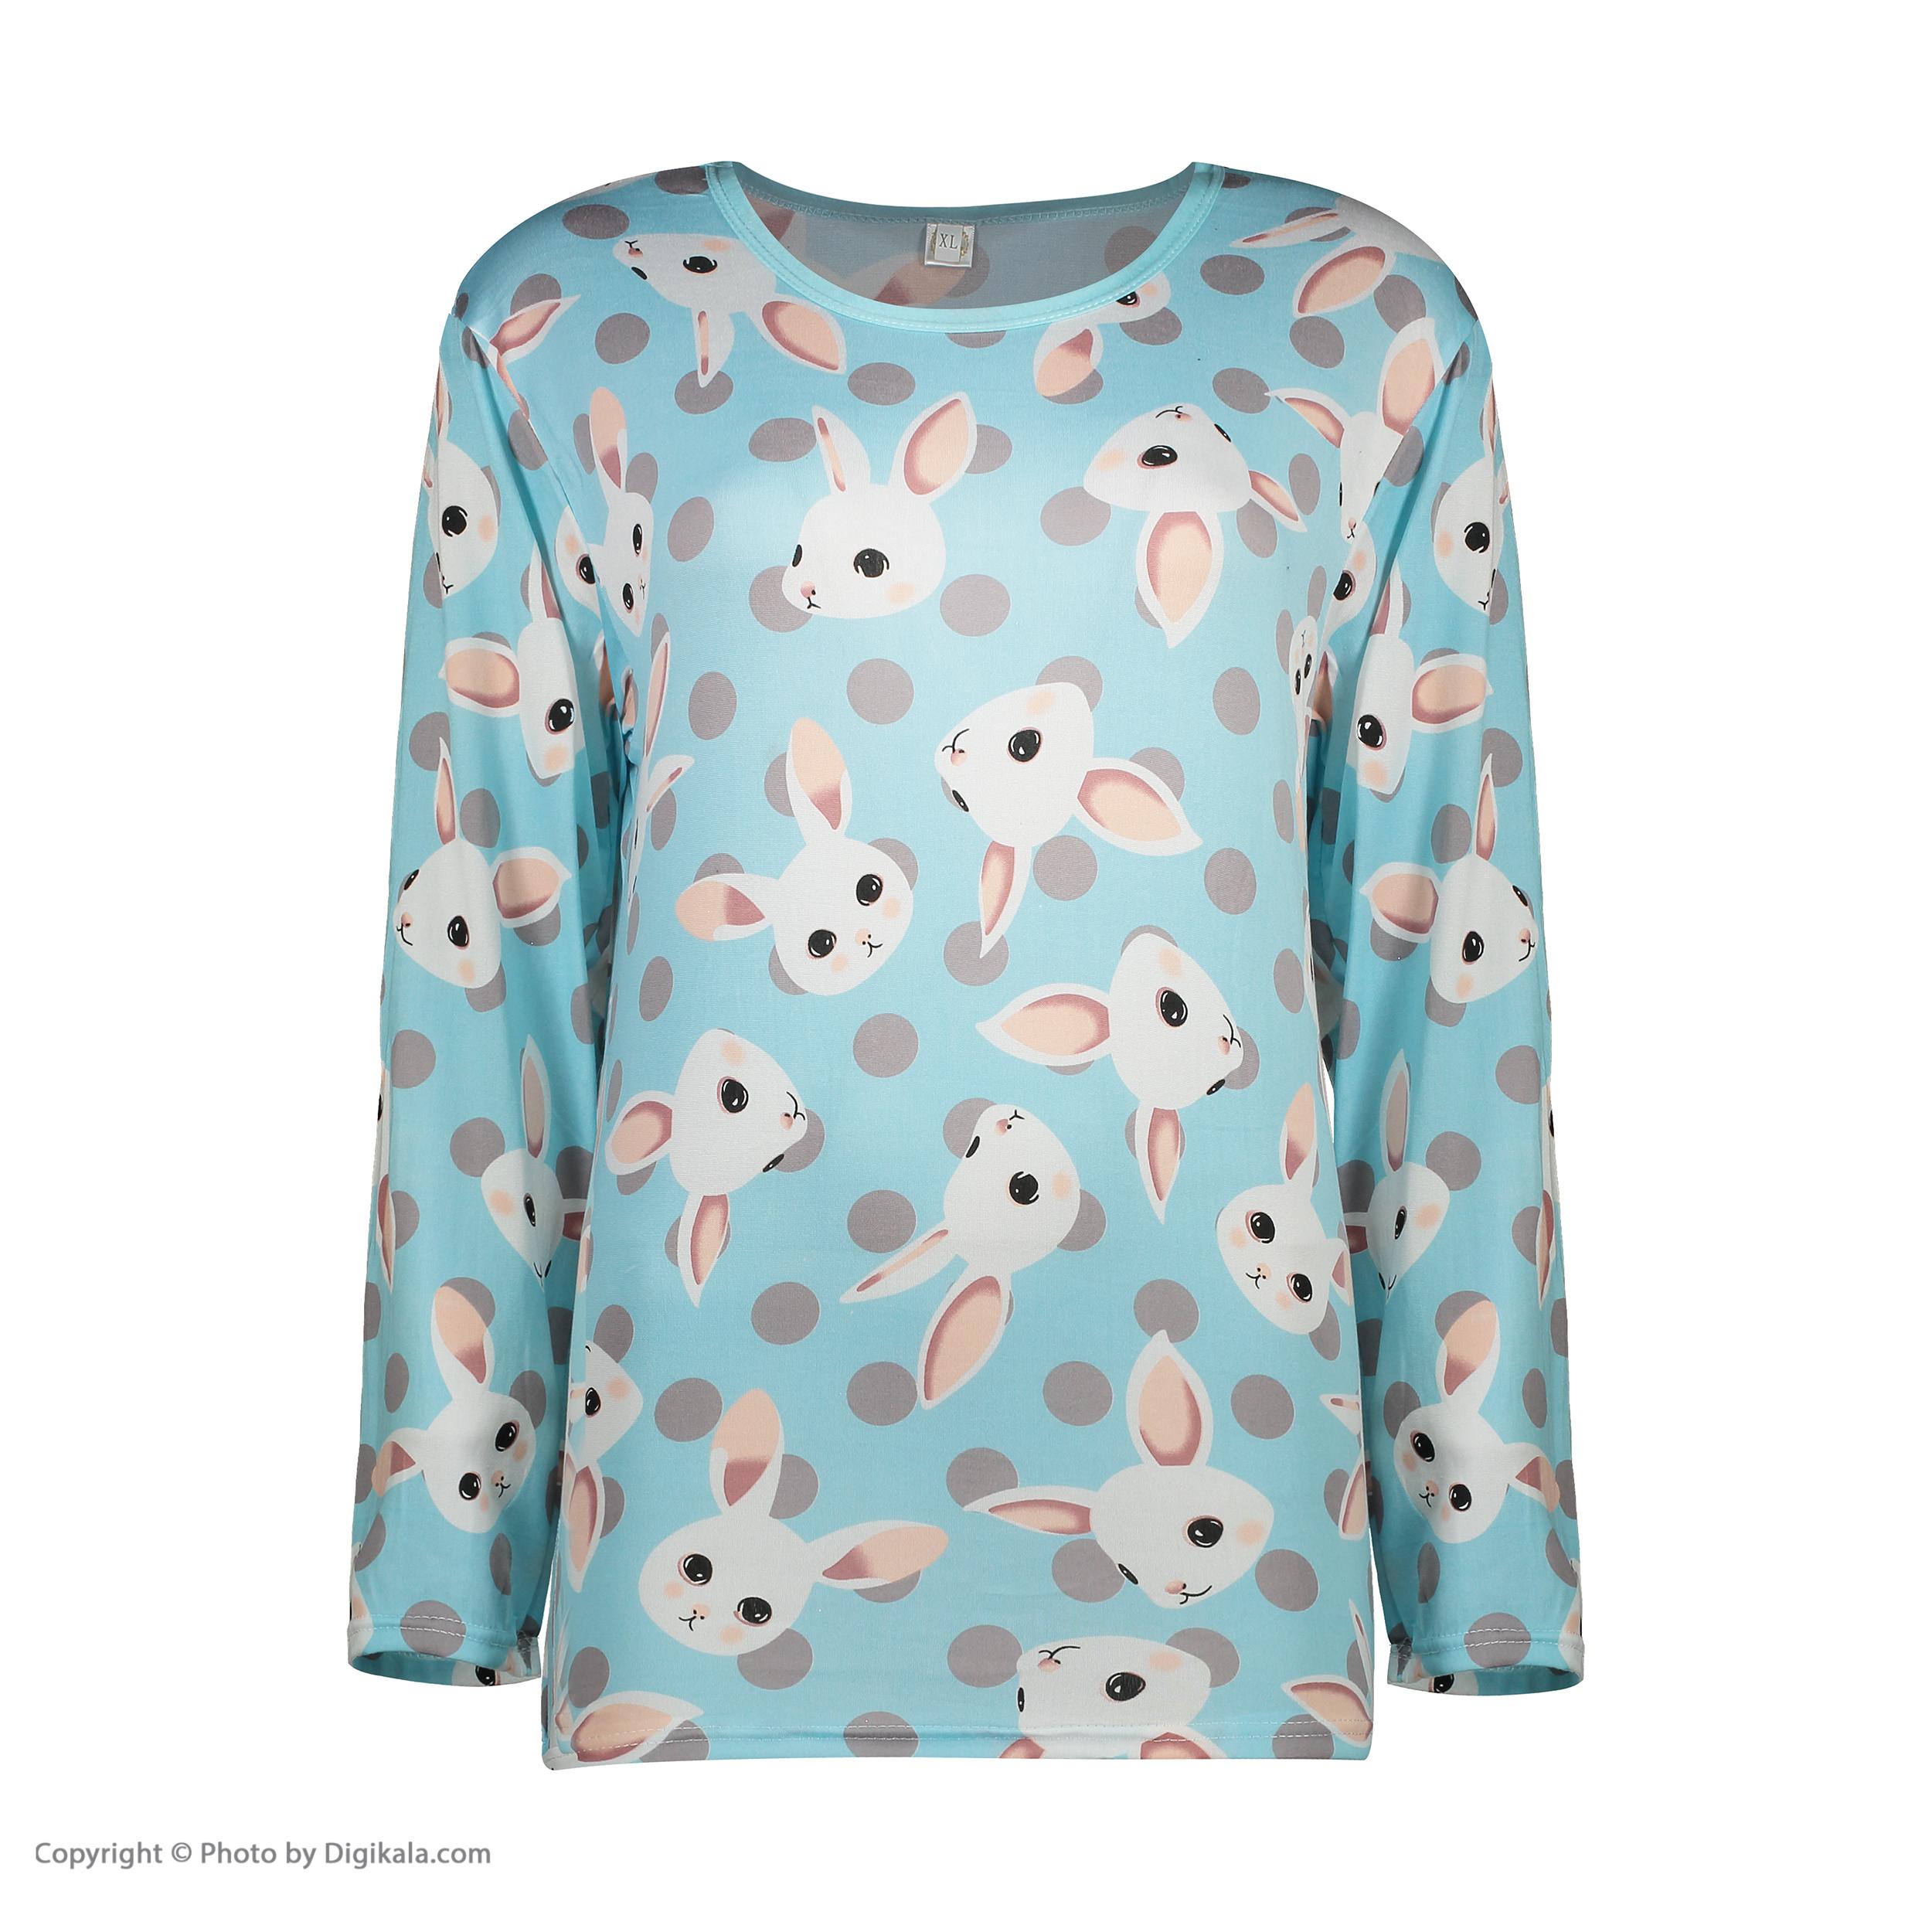 ست تی شرت و شلوار زنانه کد klnqsh- blzpnt.004.1